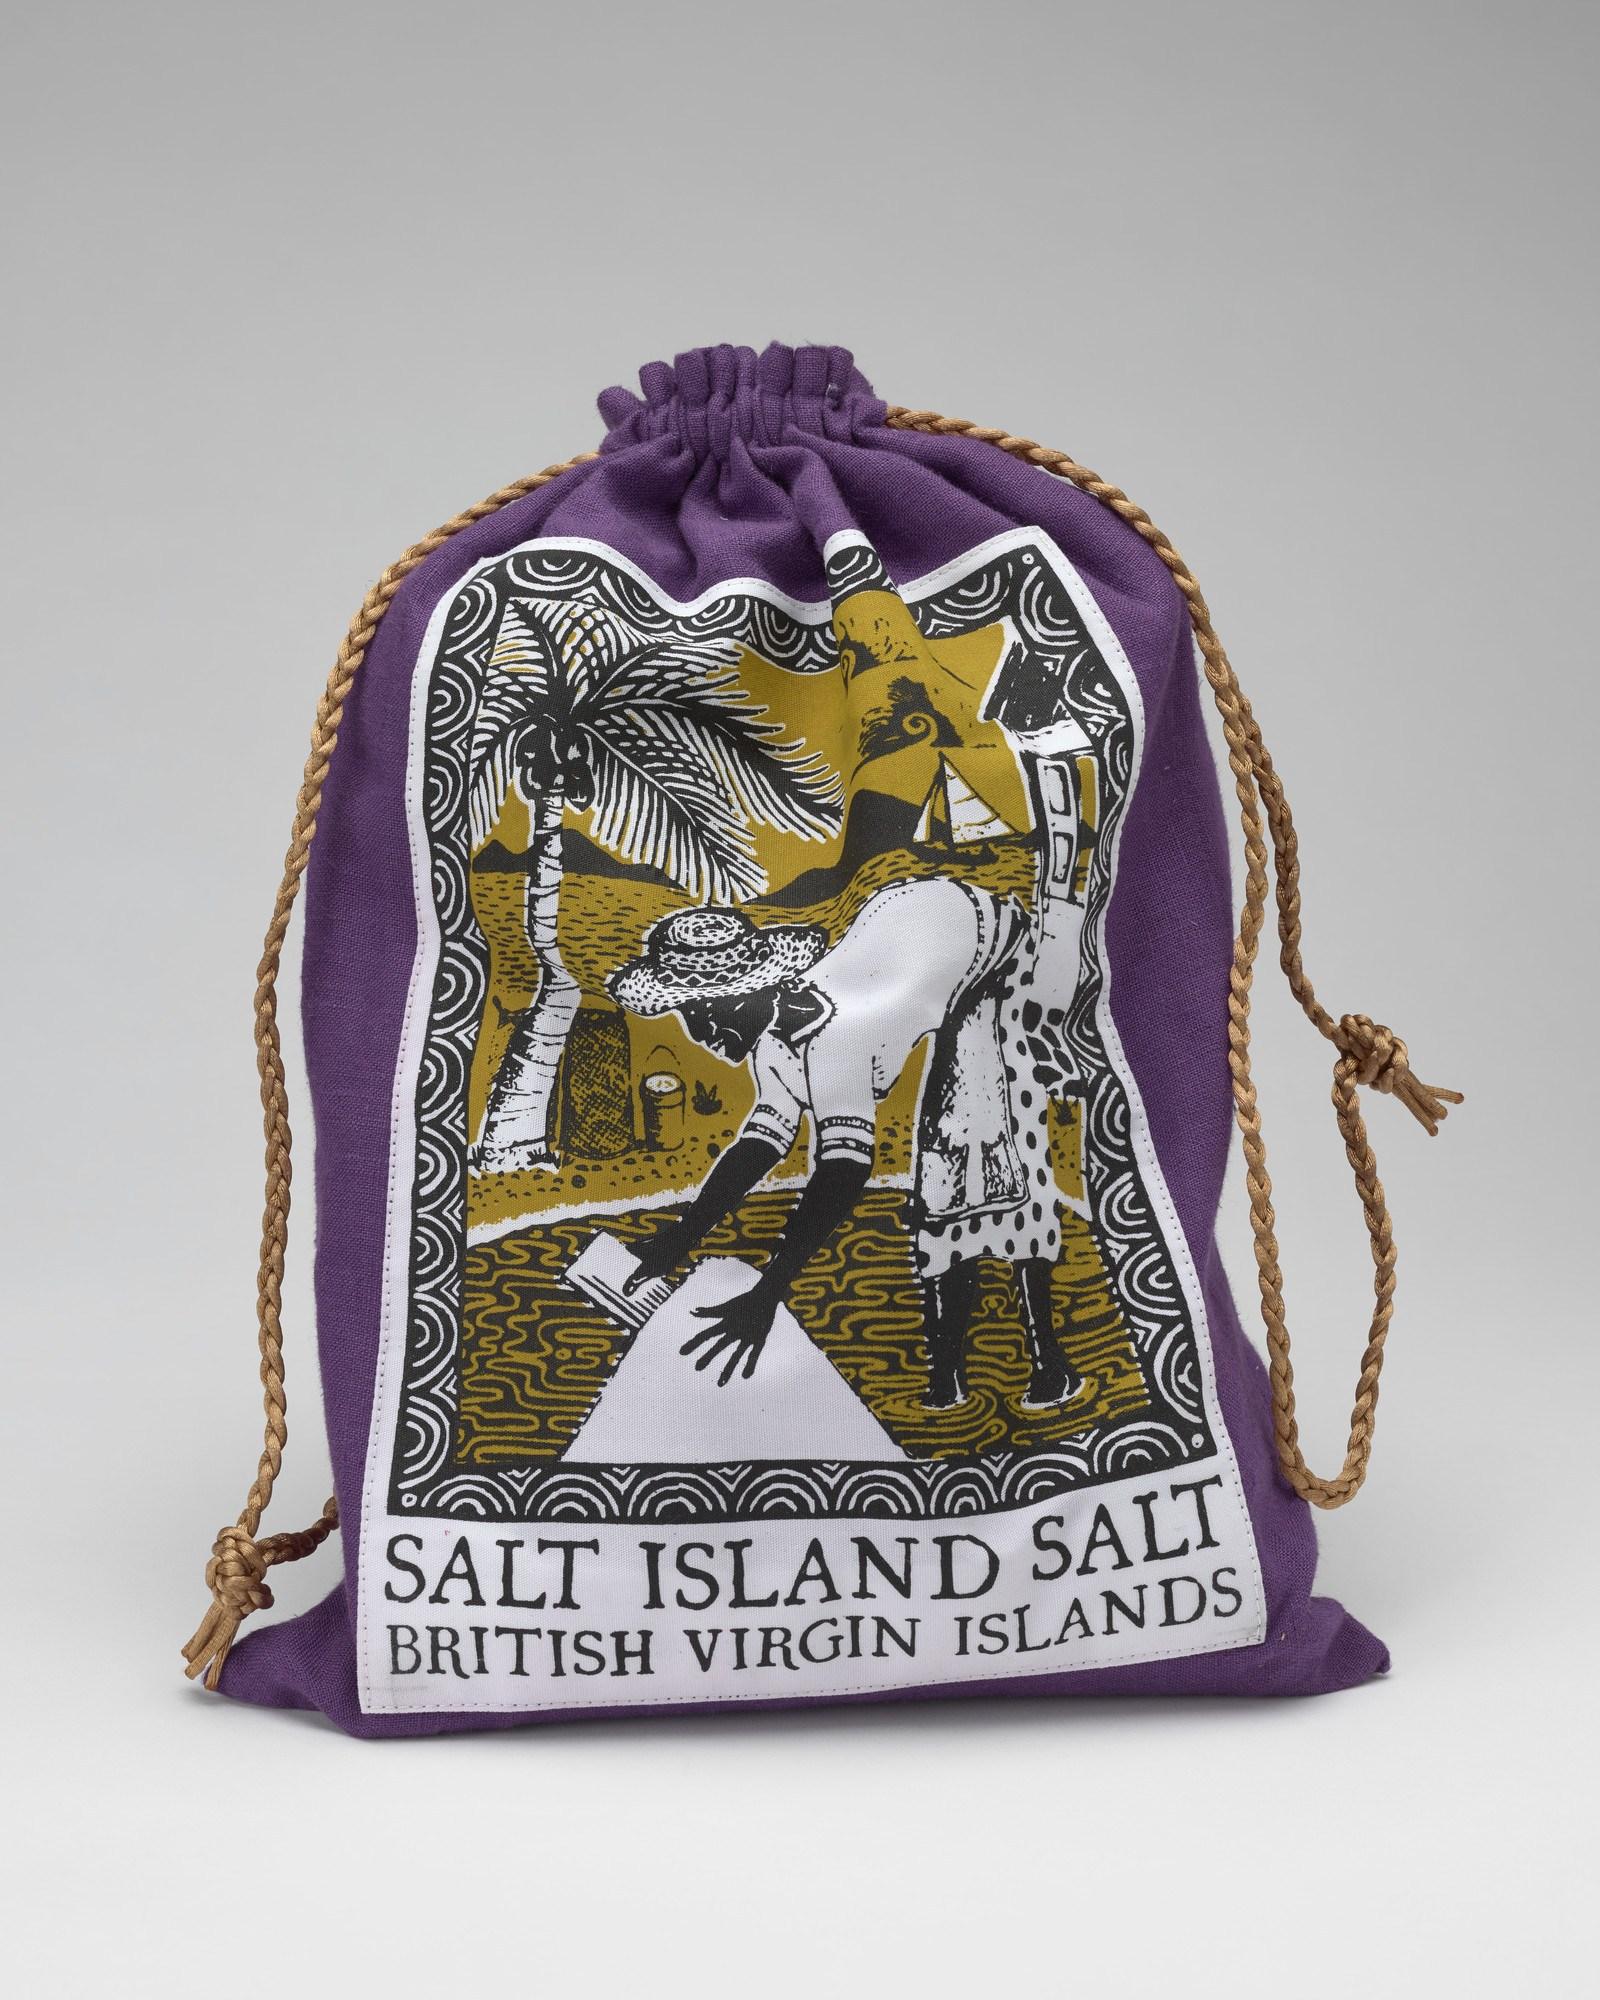 Salt island bag of salt